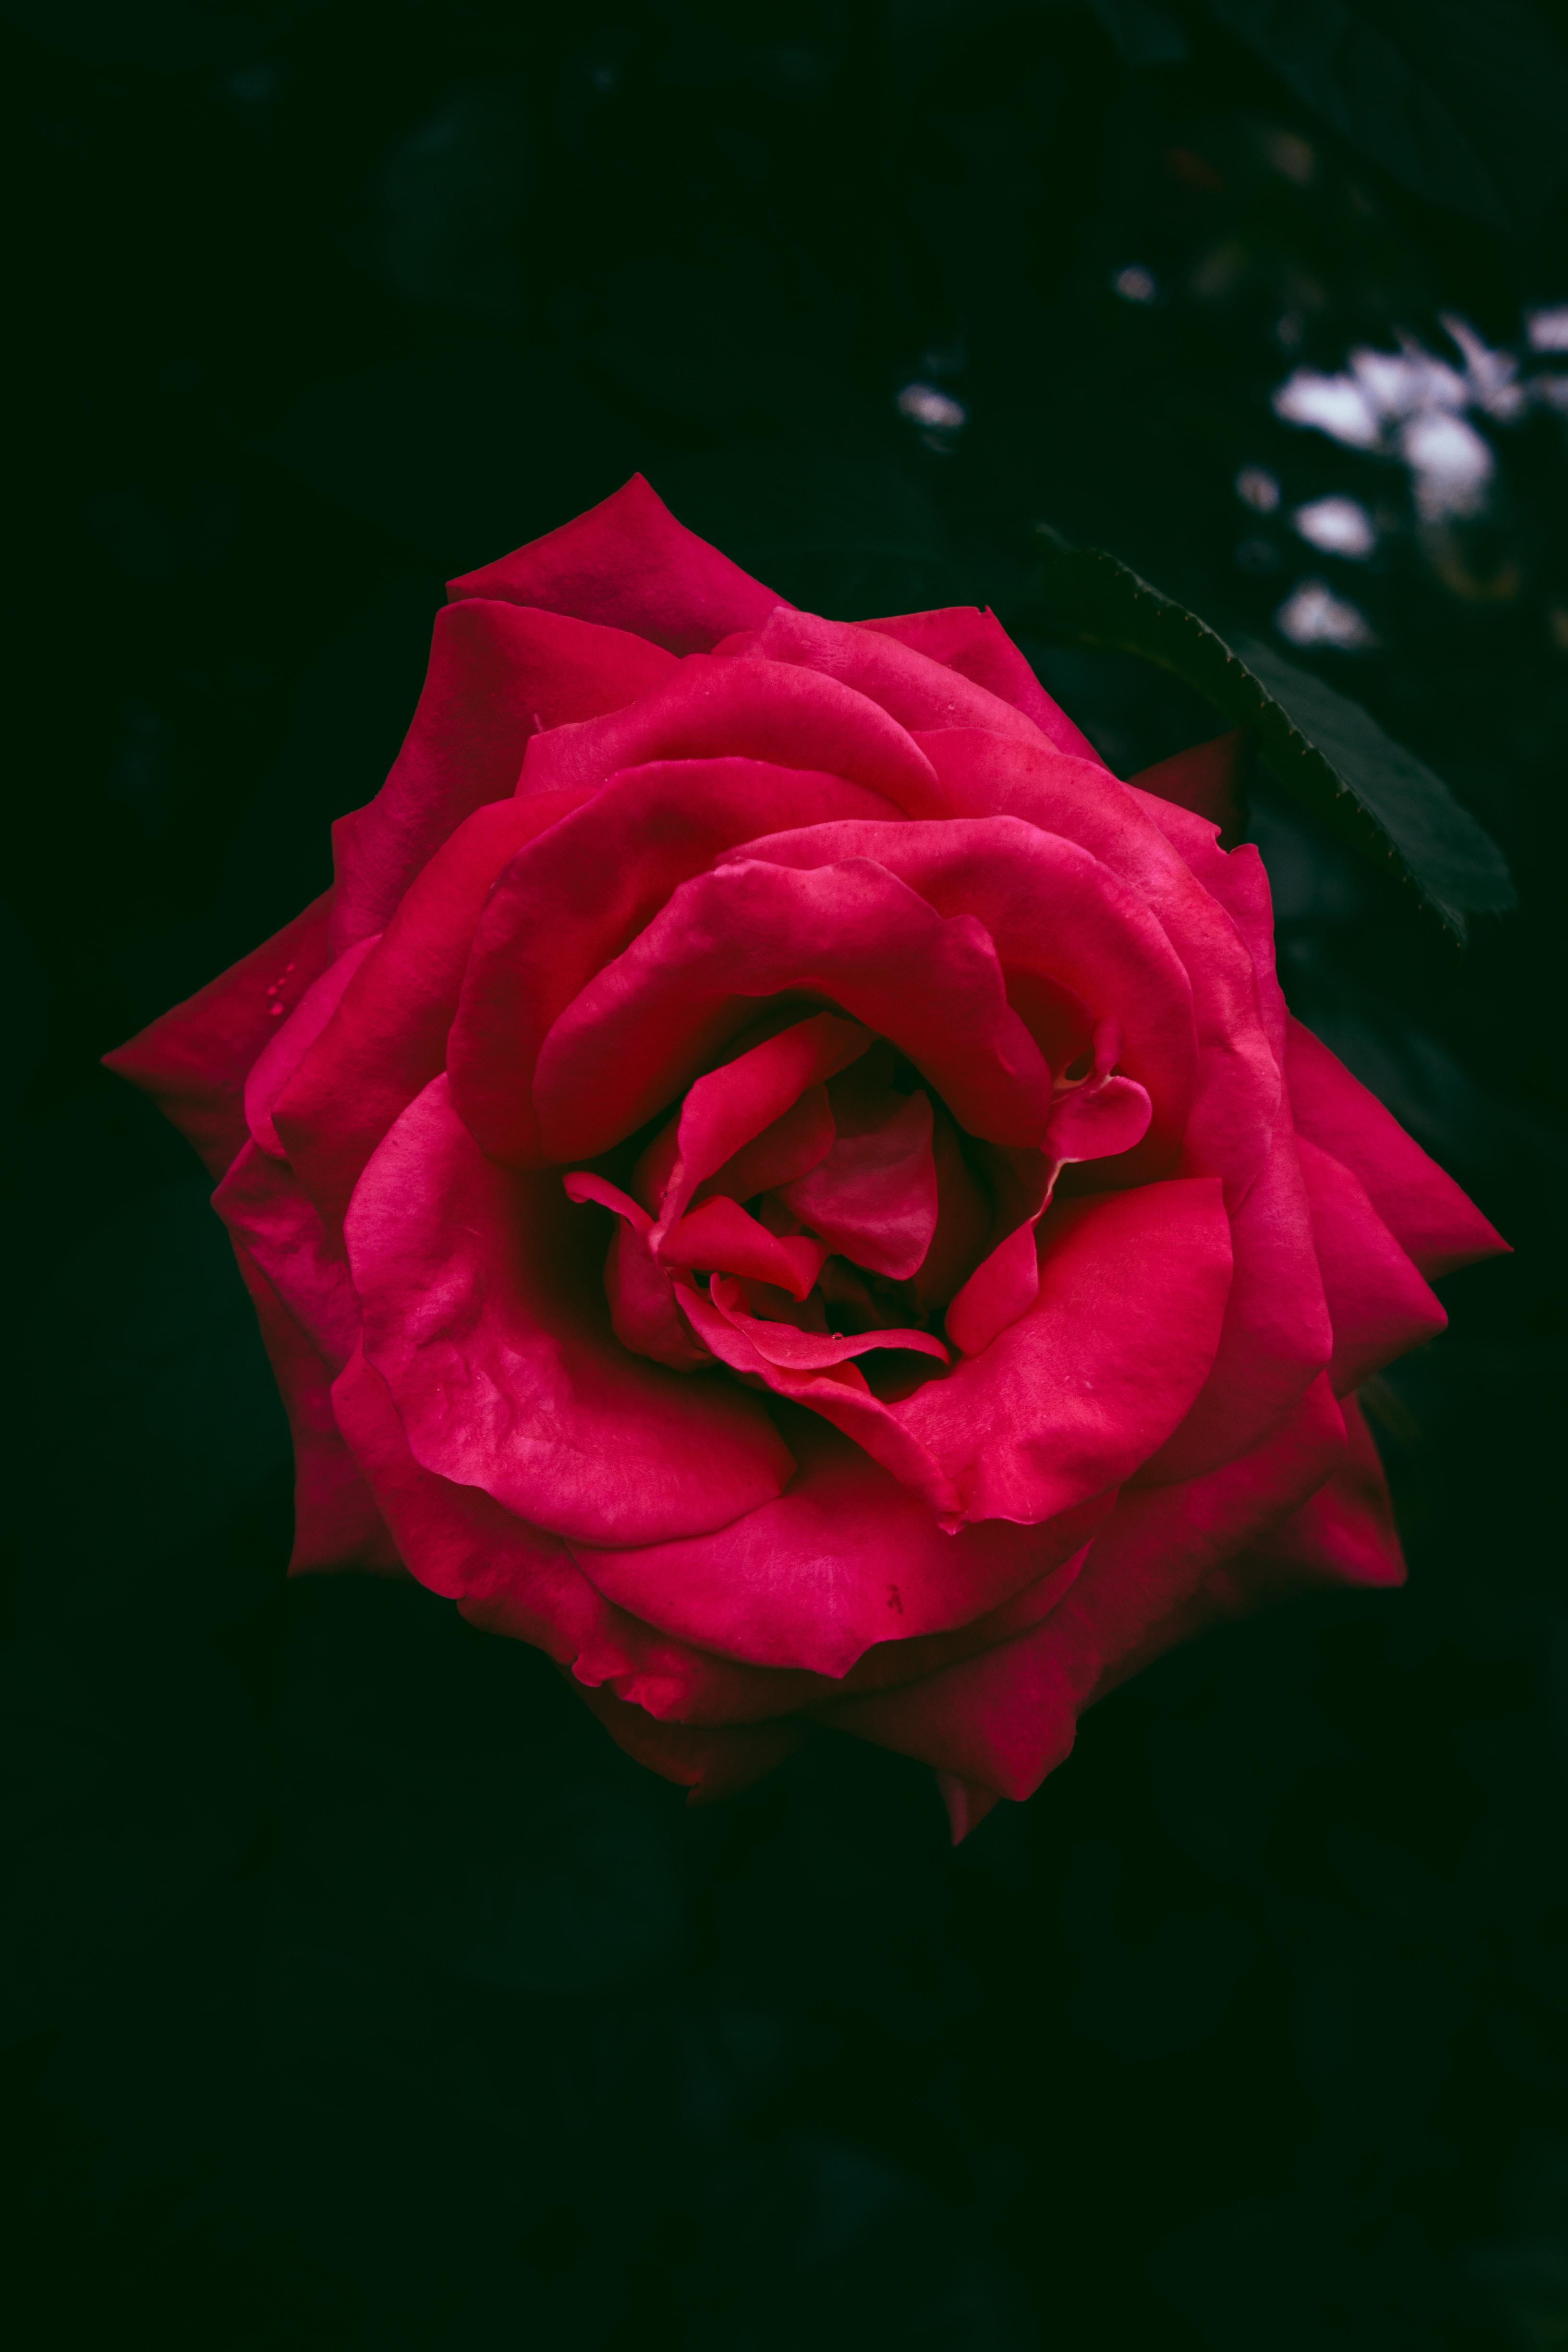 89512 скачать обои Роза, Цветы, Бутон, Красный, Куст - заставки и картинки бесплатно